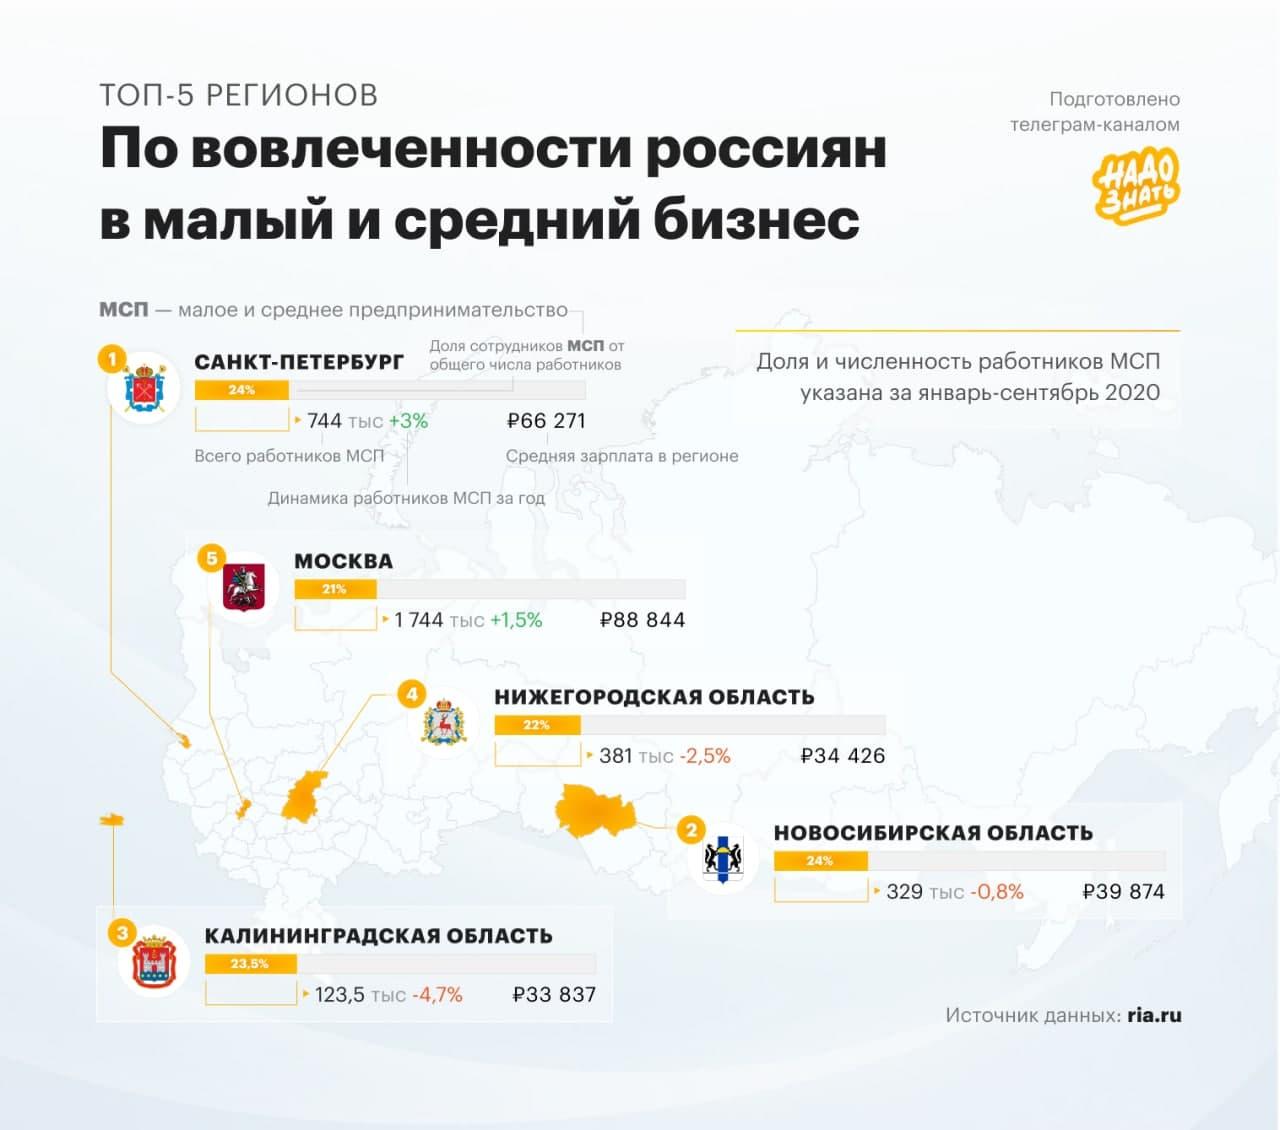 Вовлеченность россиян в малый и средний бизнес по регионам